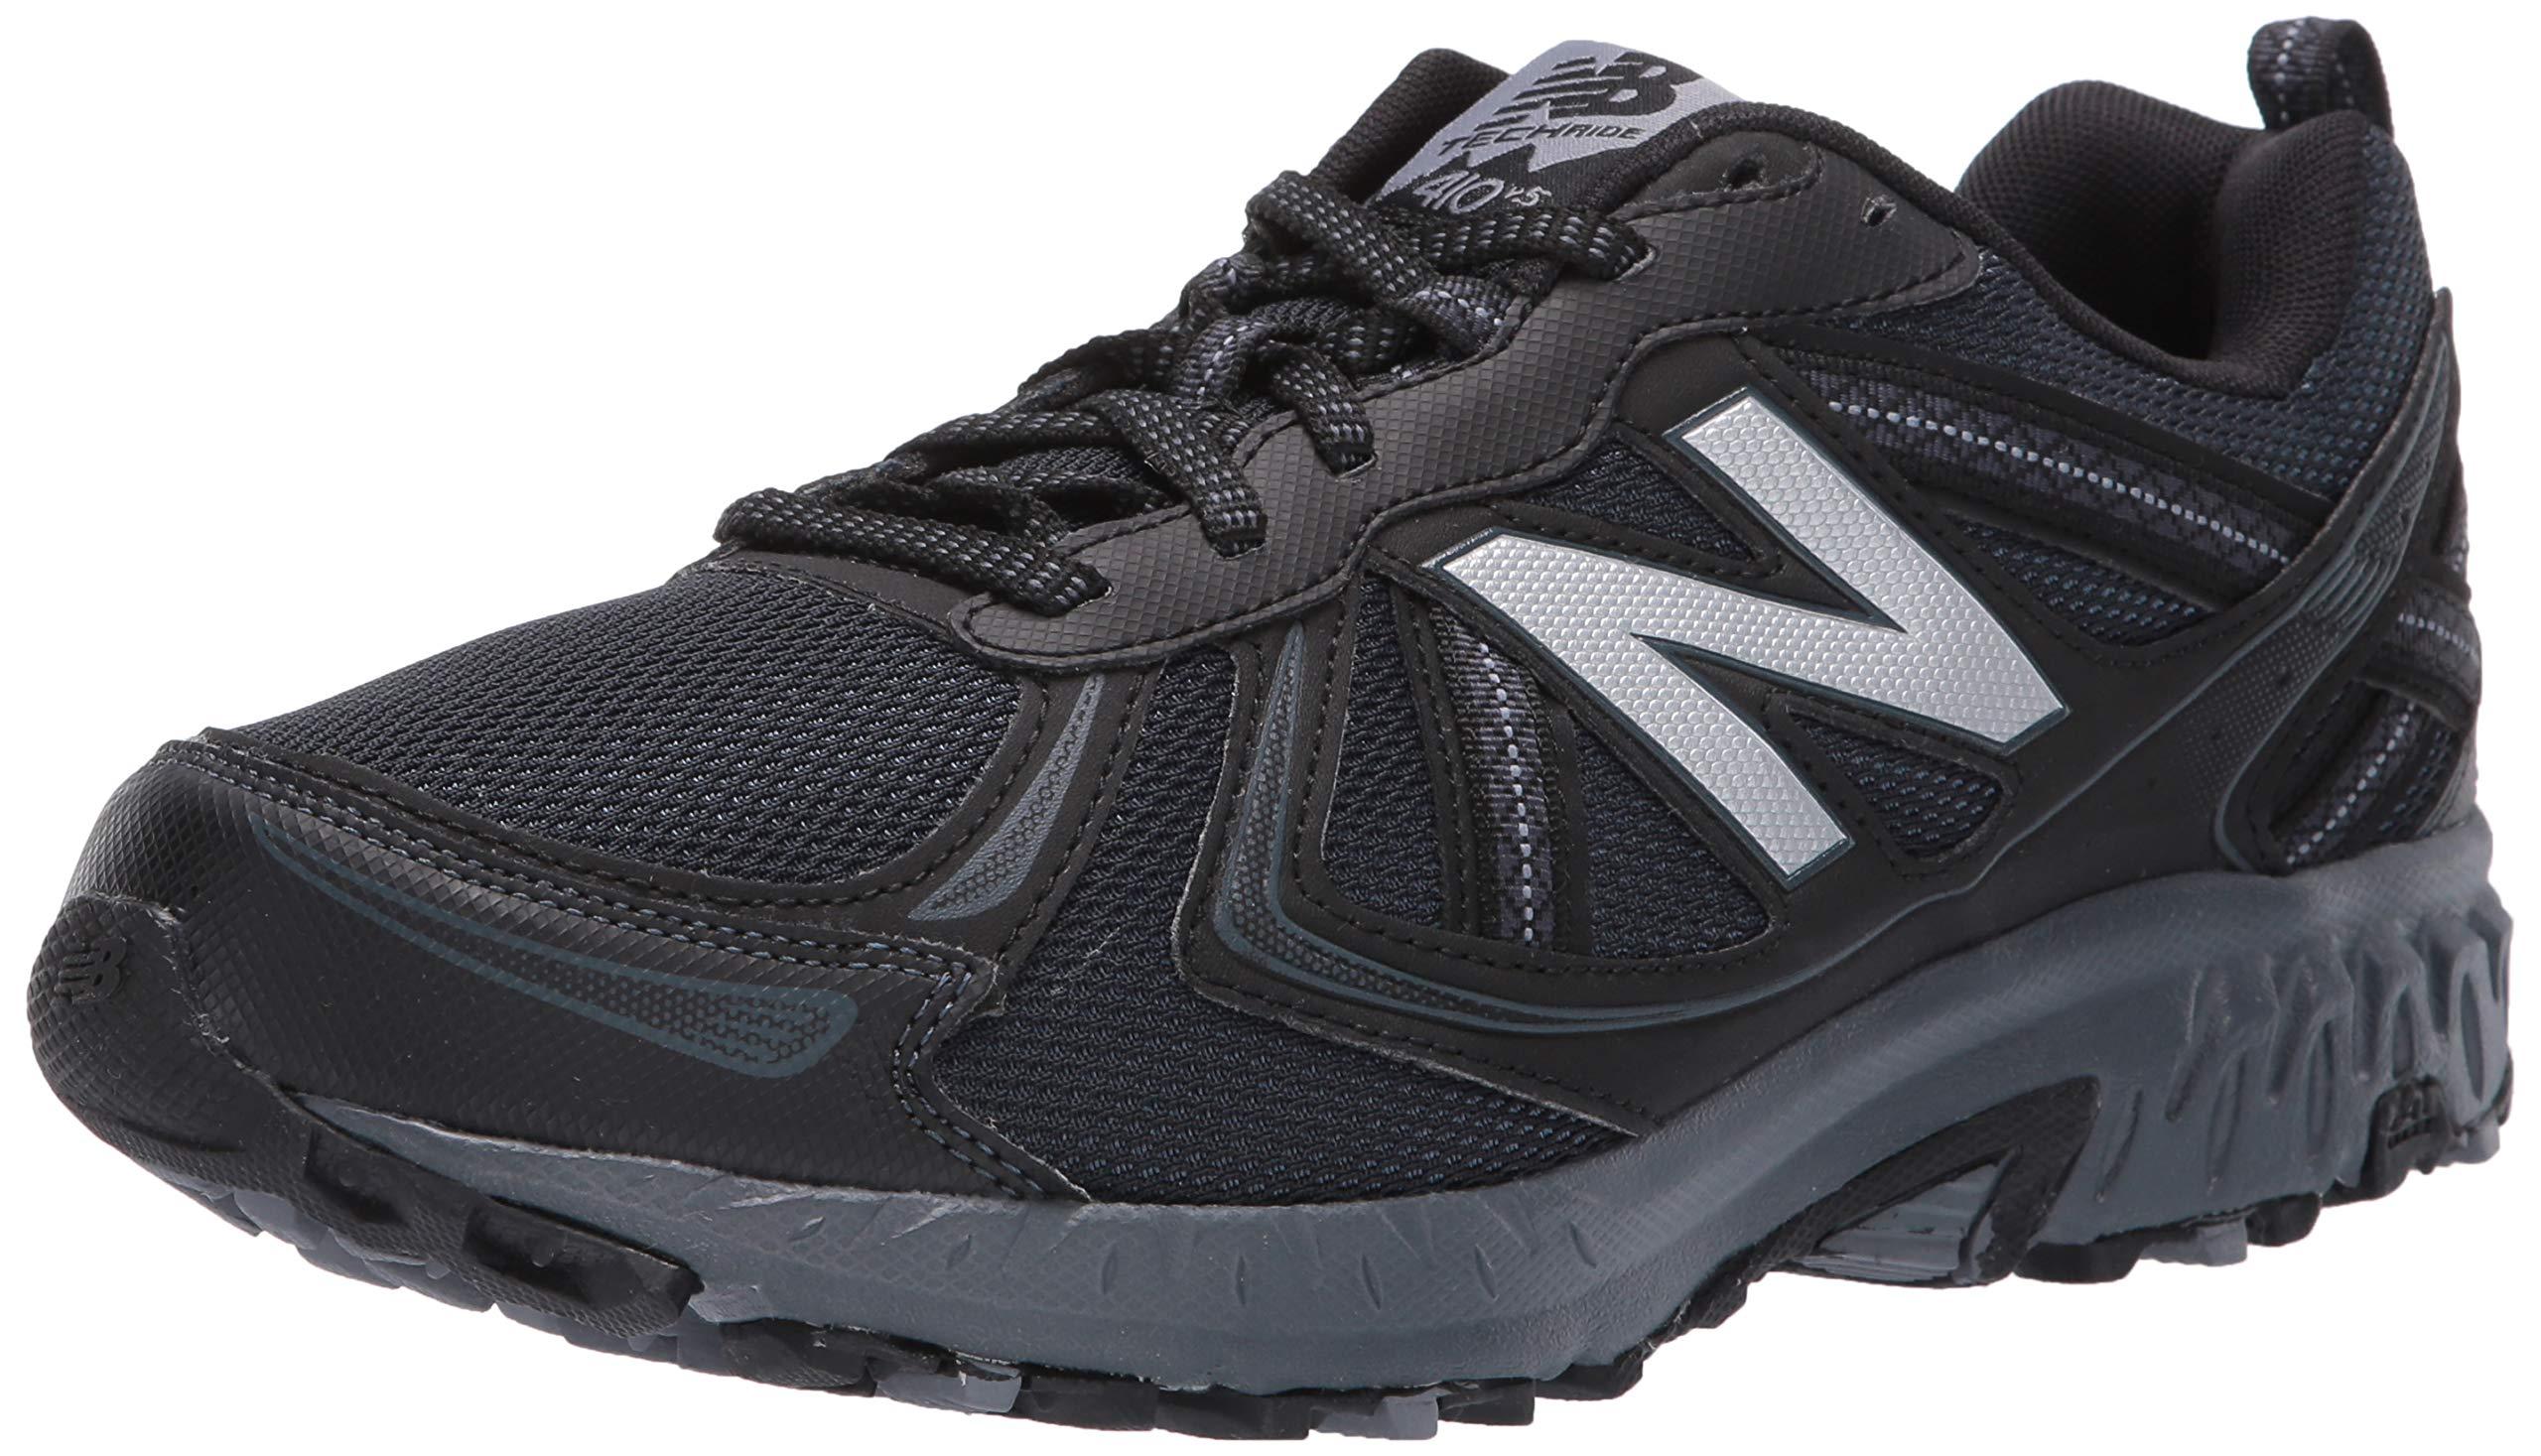 New Balance Men's 410 V5 Trail Running